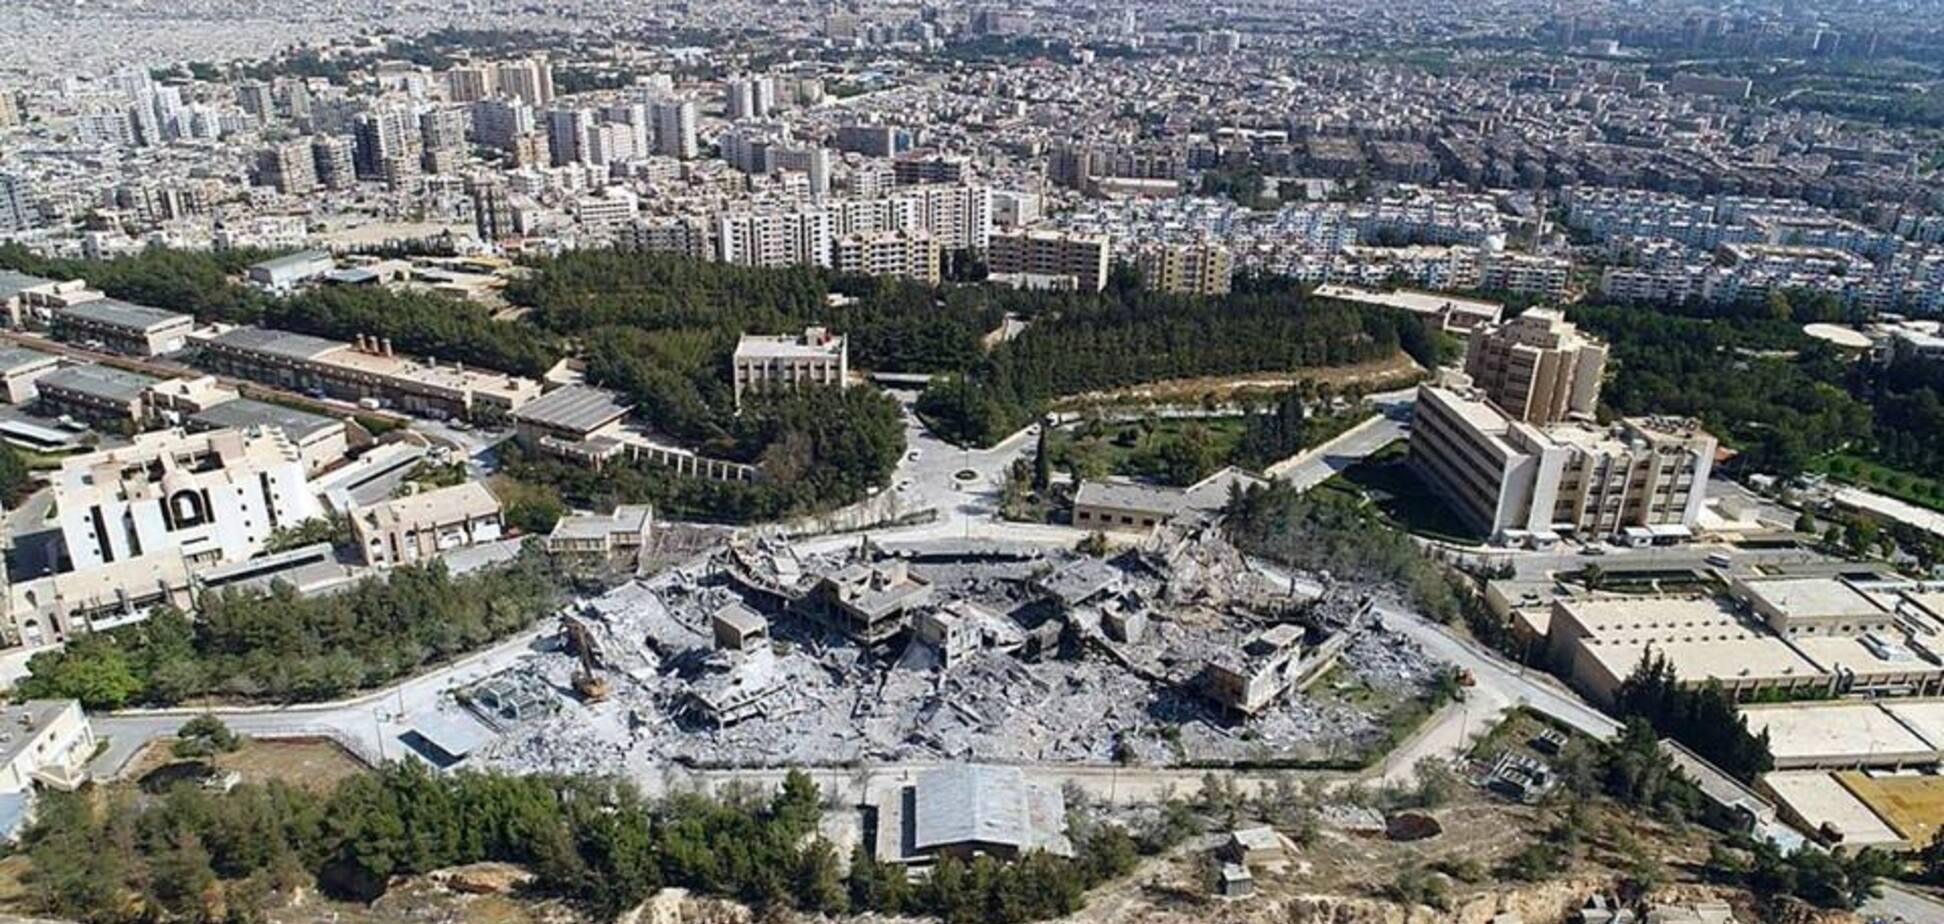 Червона лінія на сирійському піску: Третю світову війну відкладено